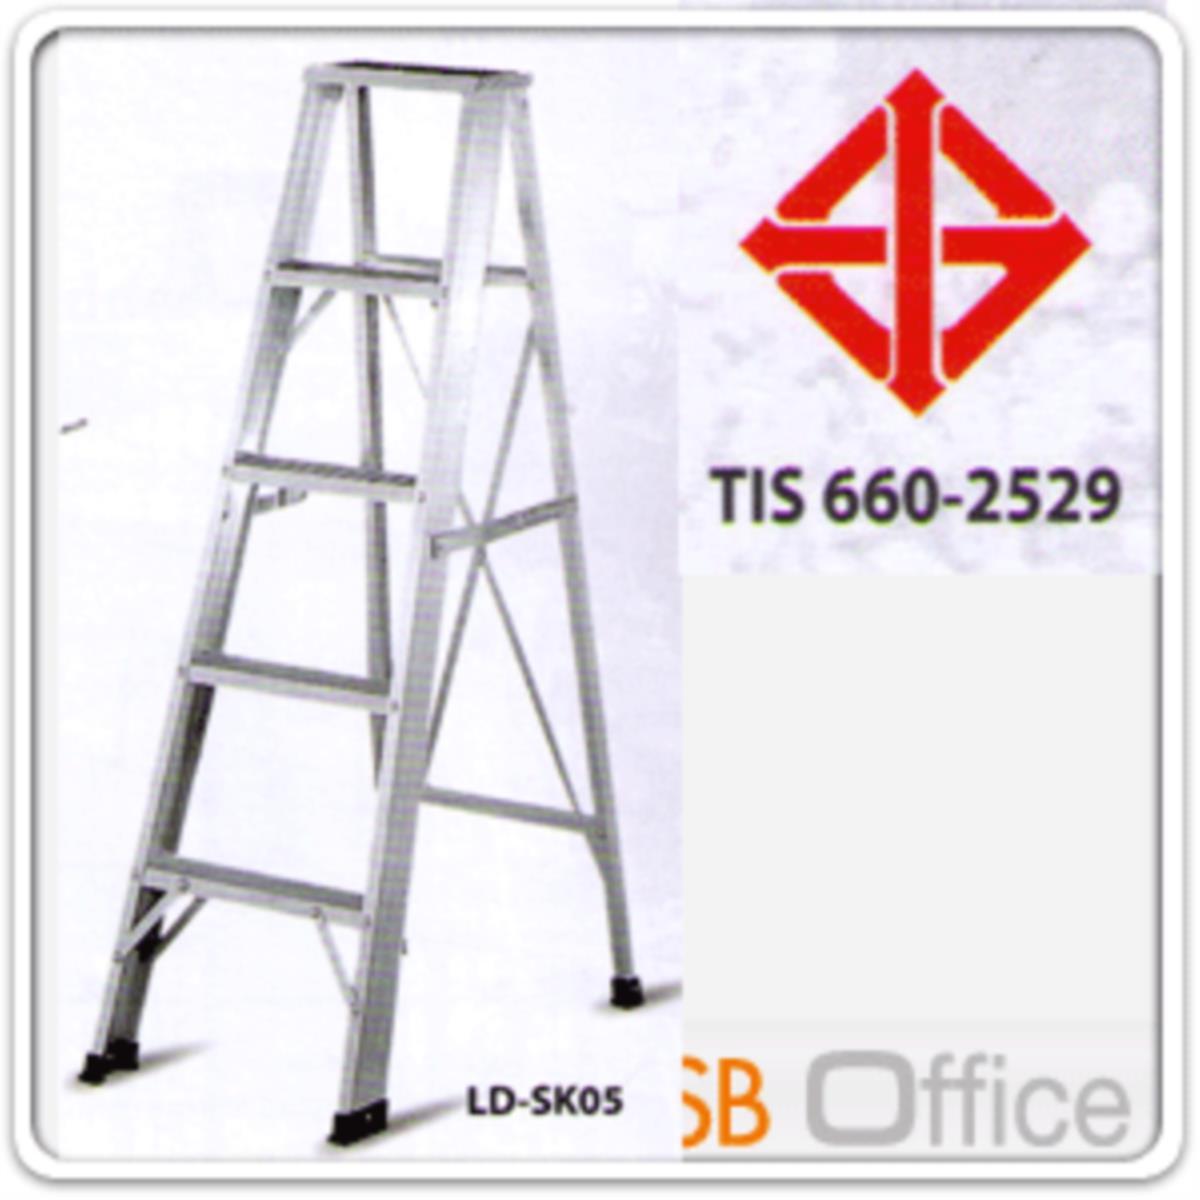 บันไดช่างสำหรับงานหนัก รุ่น LD-SKT  มีไขว้หลัง (3-20 ขั้น มาตรฐาน มอก.)